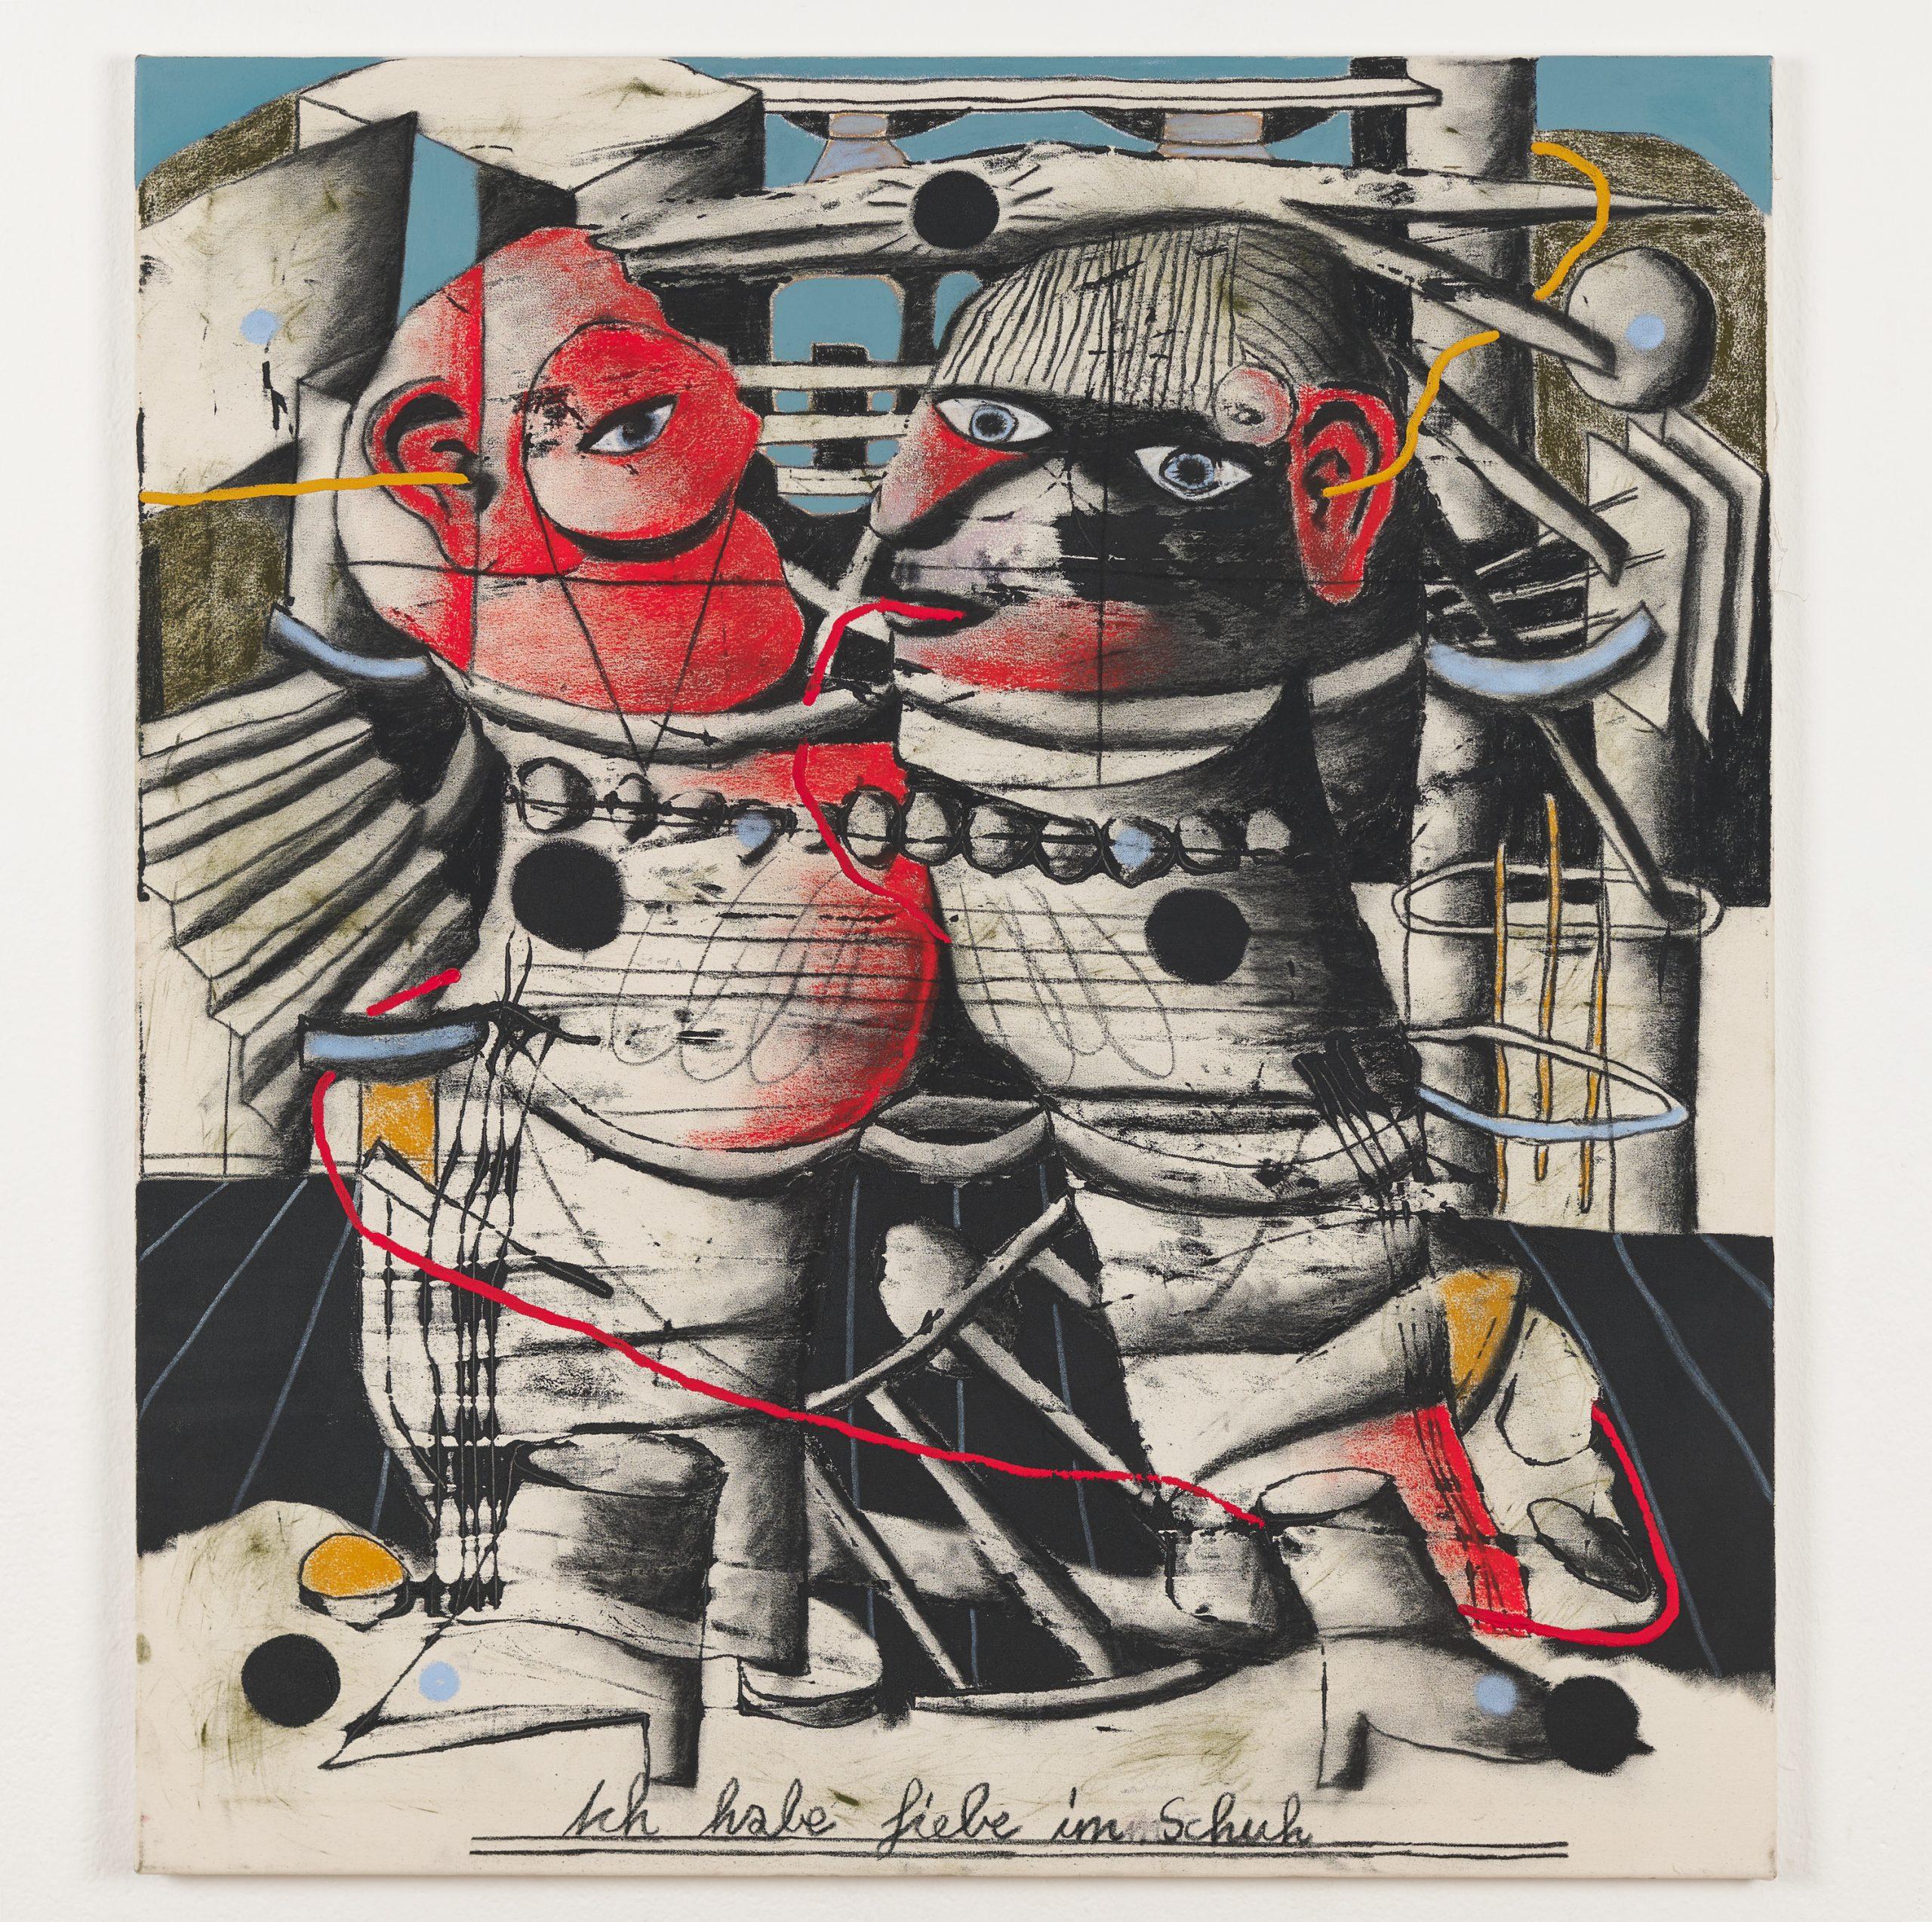 Ferdinand Dölberg Ich habe Liebe im Schuh 2020 100 x 90 cm Monotype, acrylic, coal, chalk on canvas